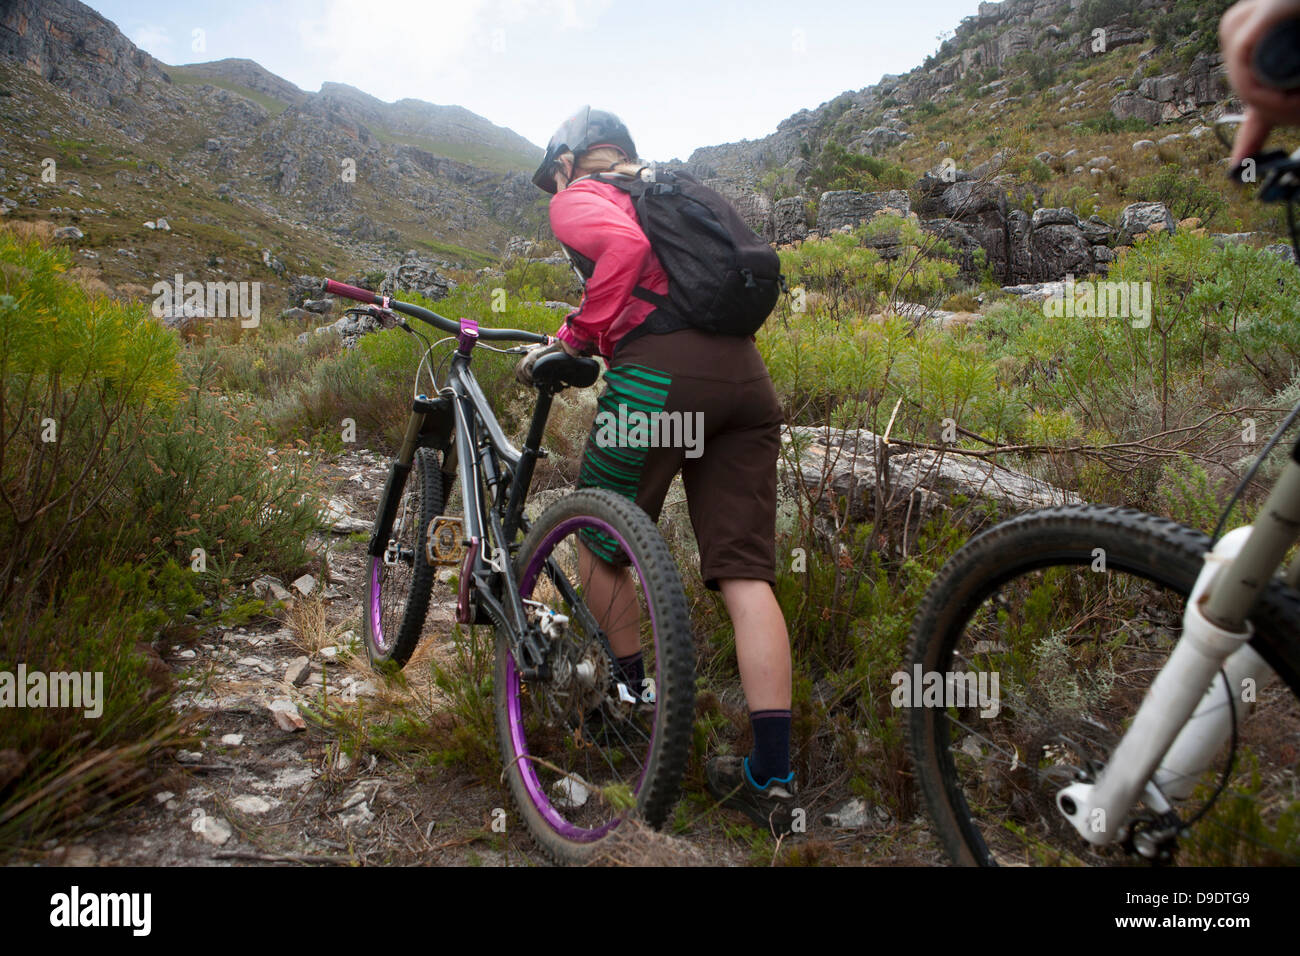 Giovane donna spingendo mountain bike su percorso di montagna Immagini Stock